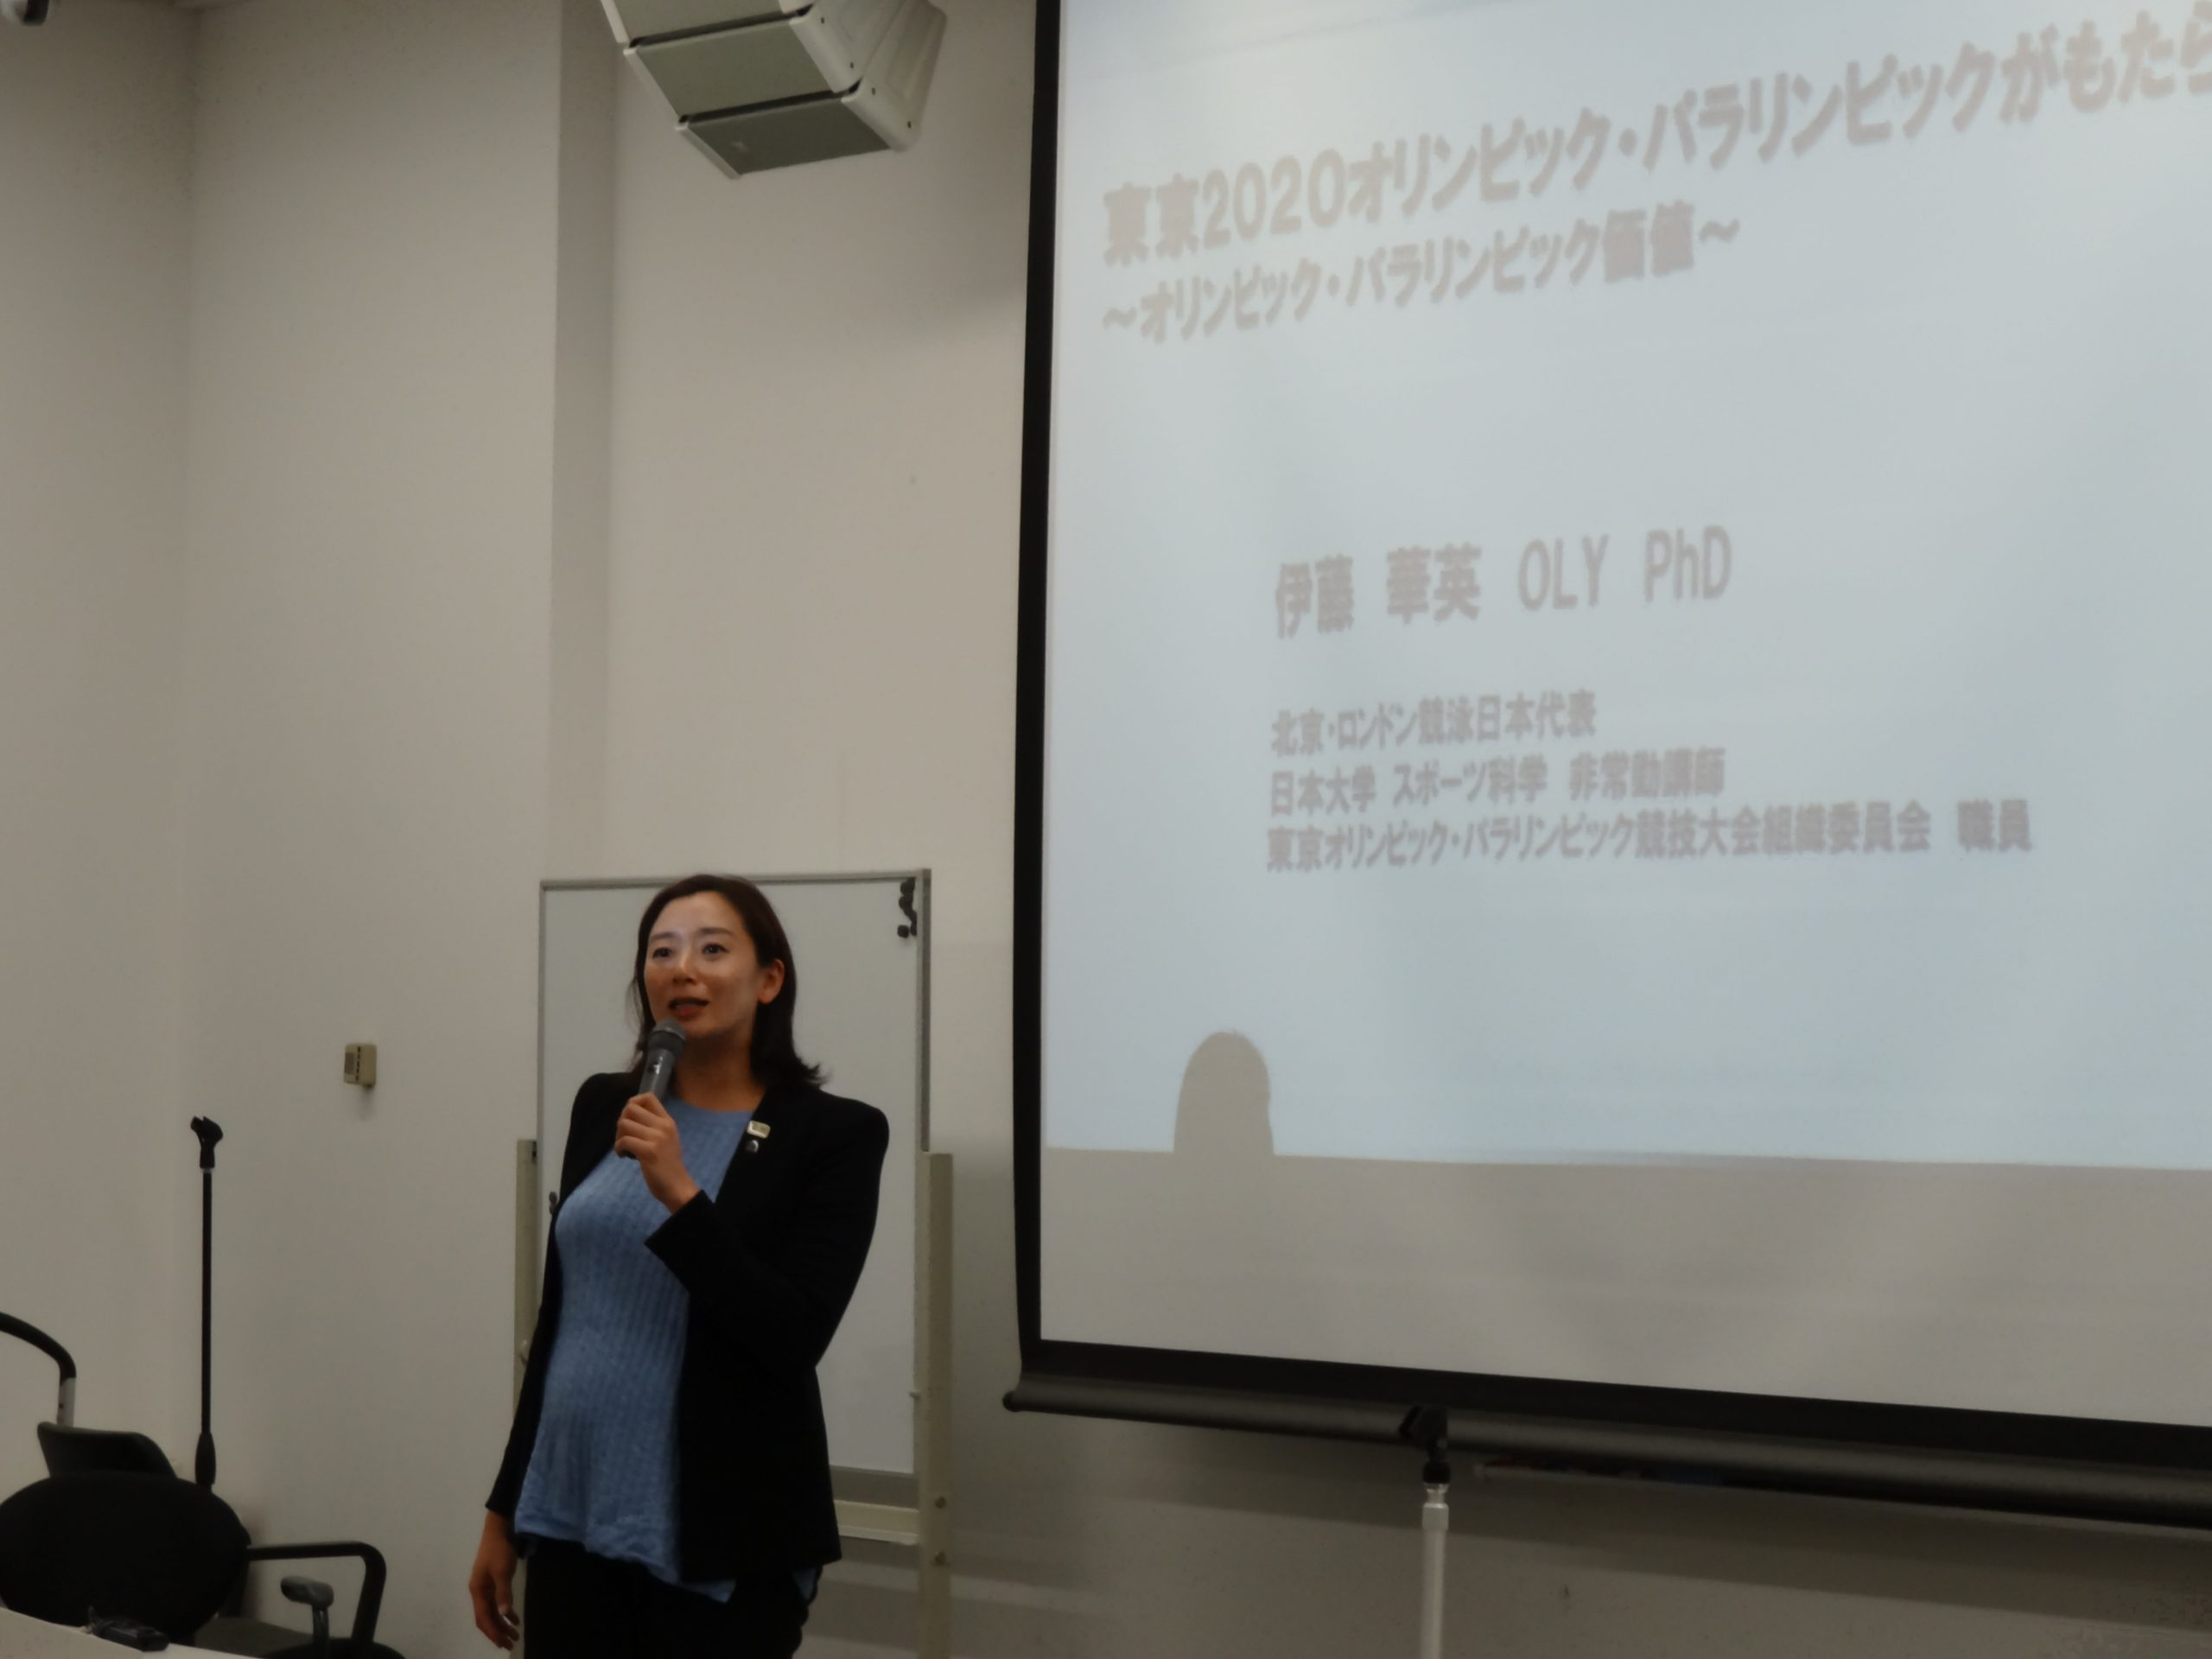 第1回講師 伊藤華英さん